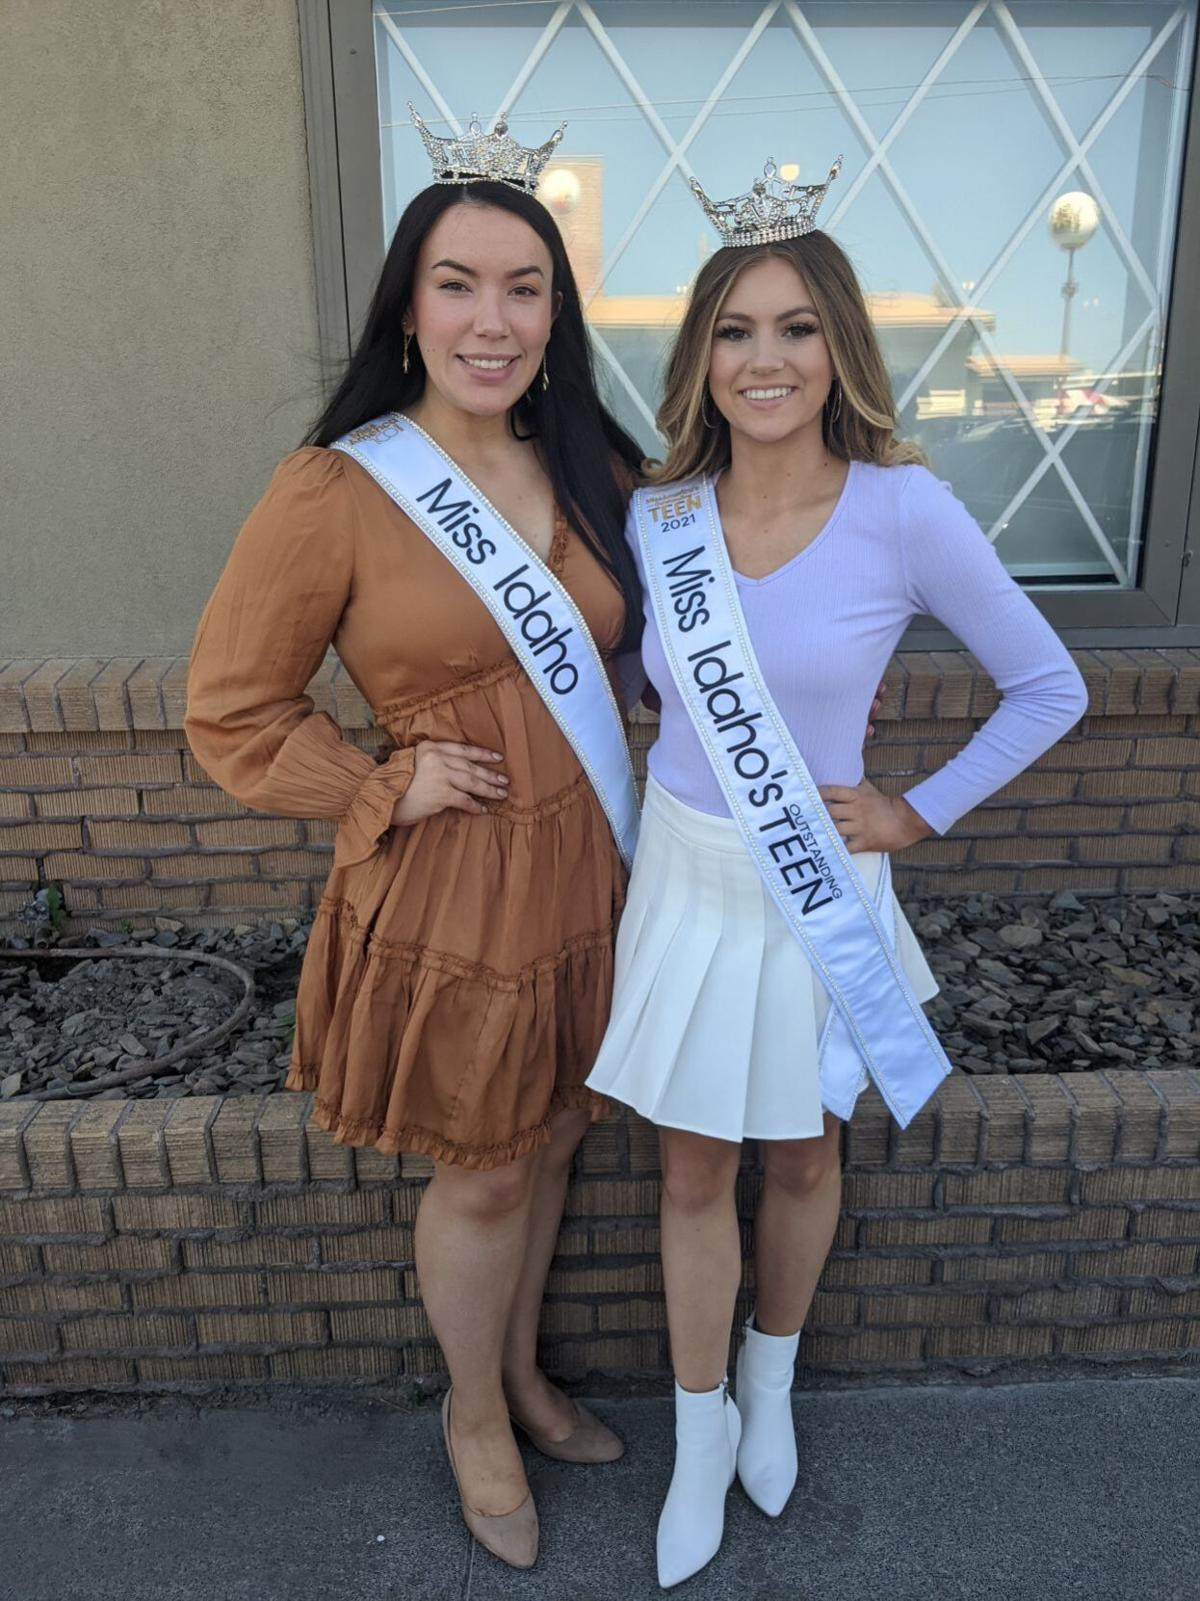 Miss Idaho